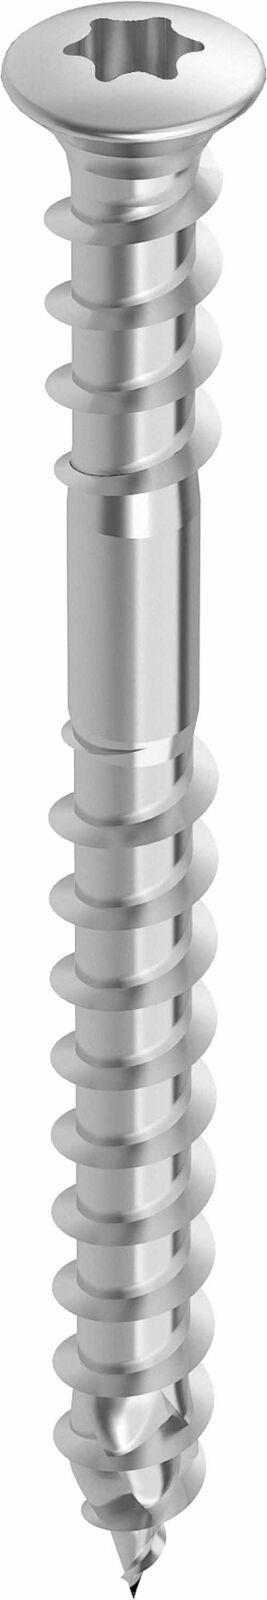 HECO-Topix terrazze pavimentazione Bullone Acciaio Inox a2 parte liseko filettatura filettatura filettatura attacco TX | Fashionable  | Colore Brillantezza  | Prezzo Affare  f473e4